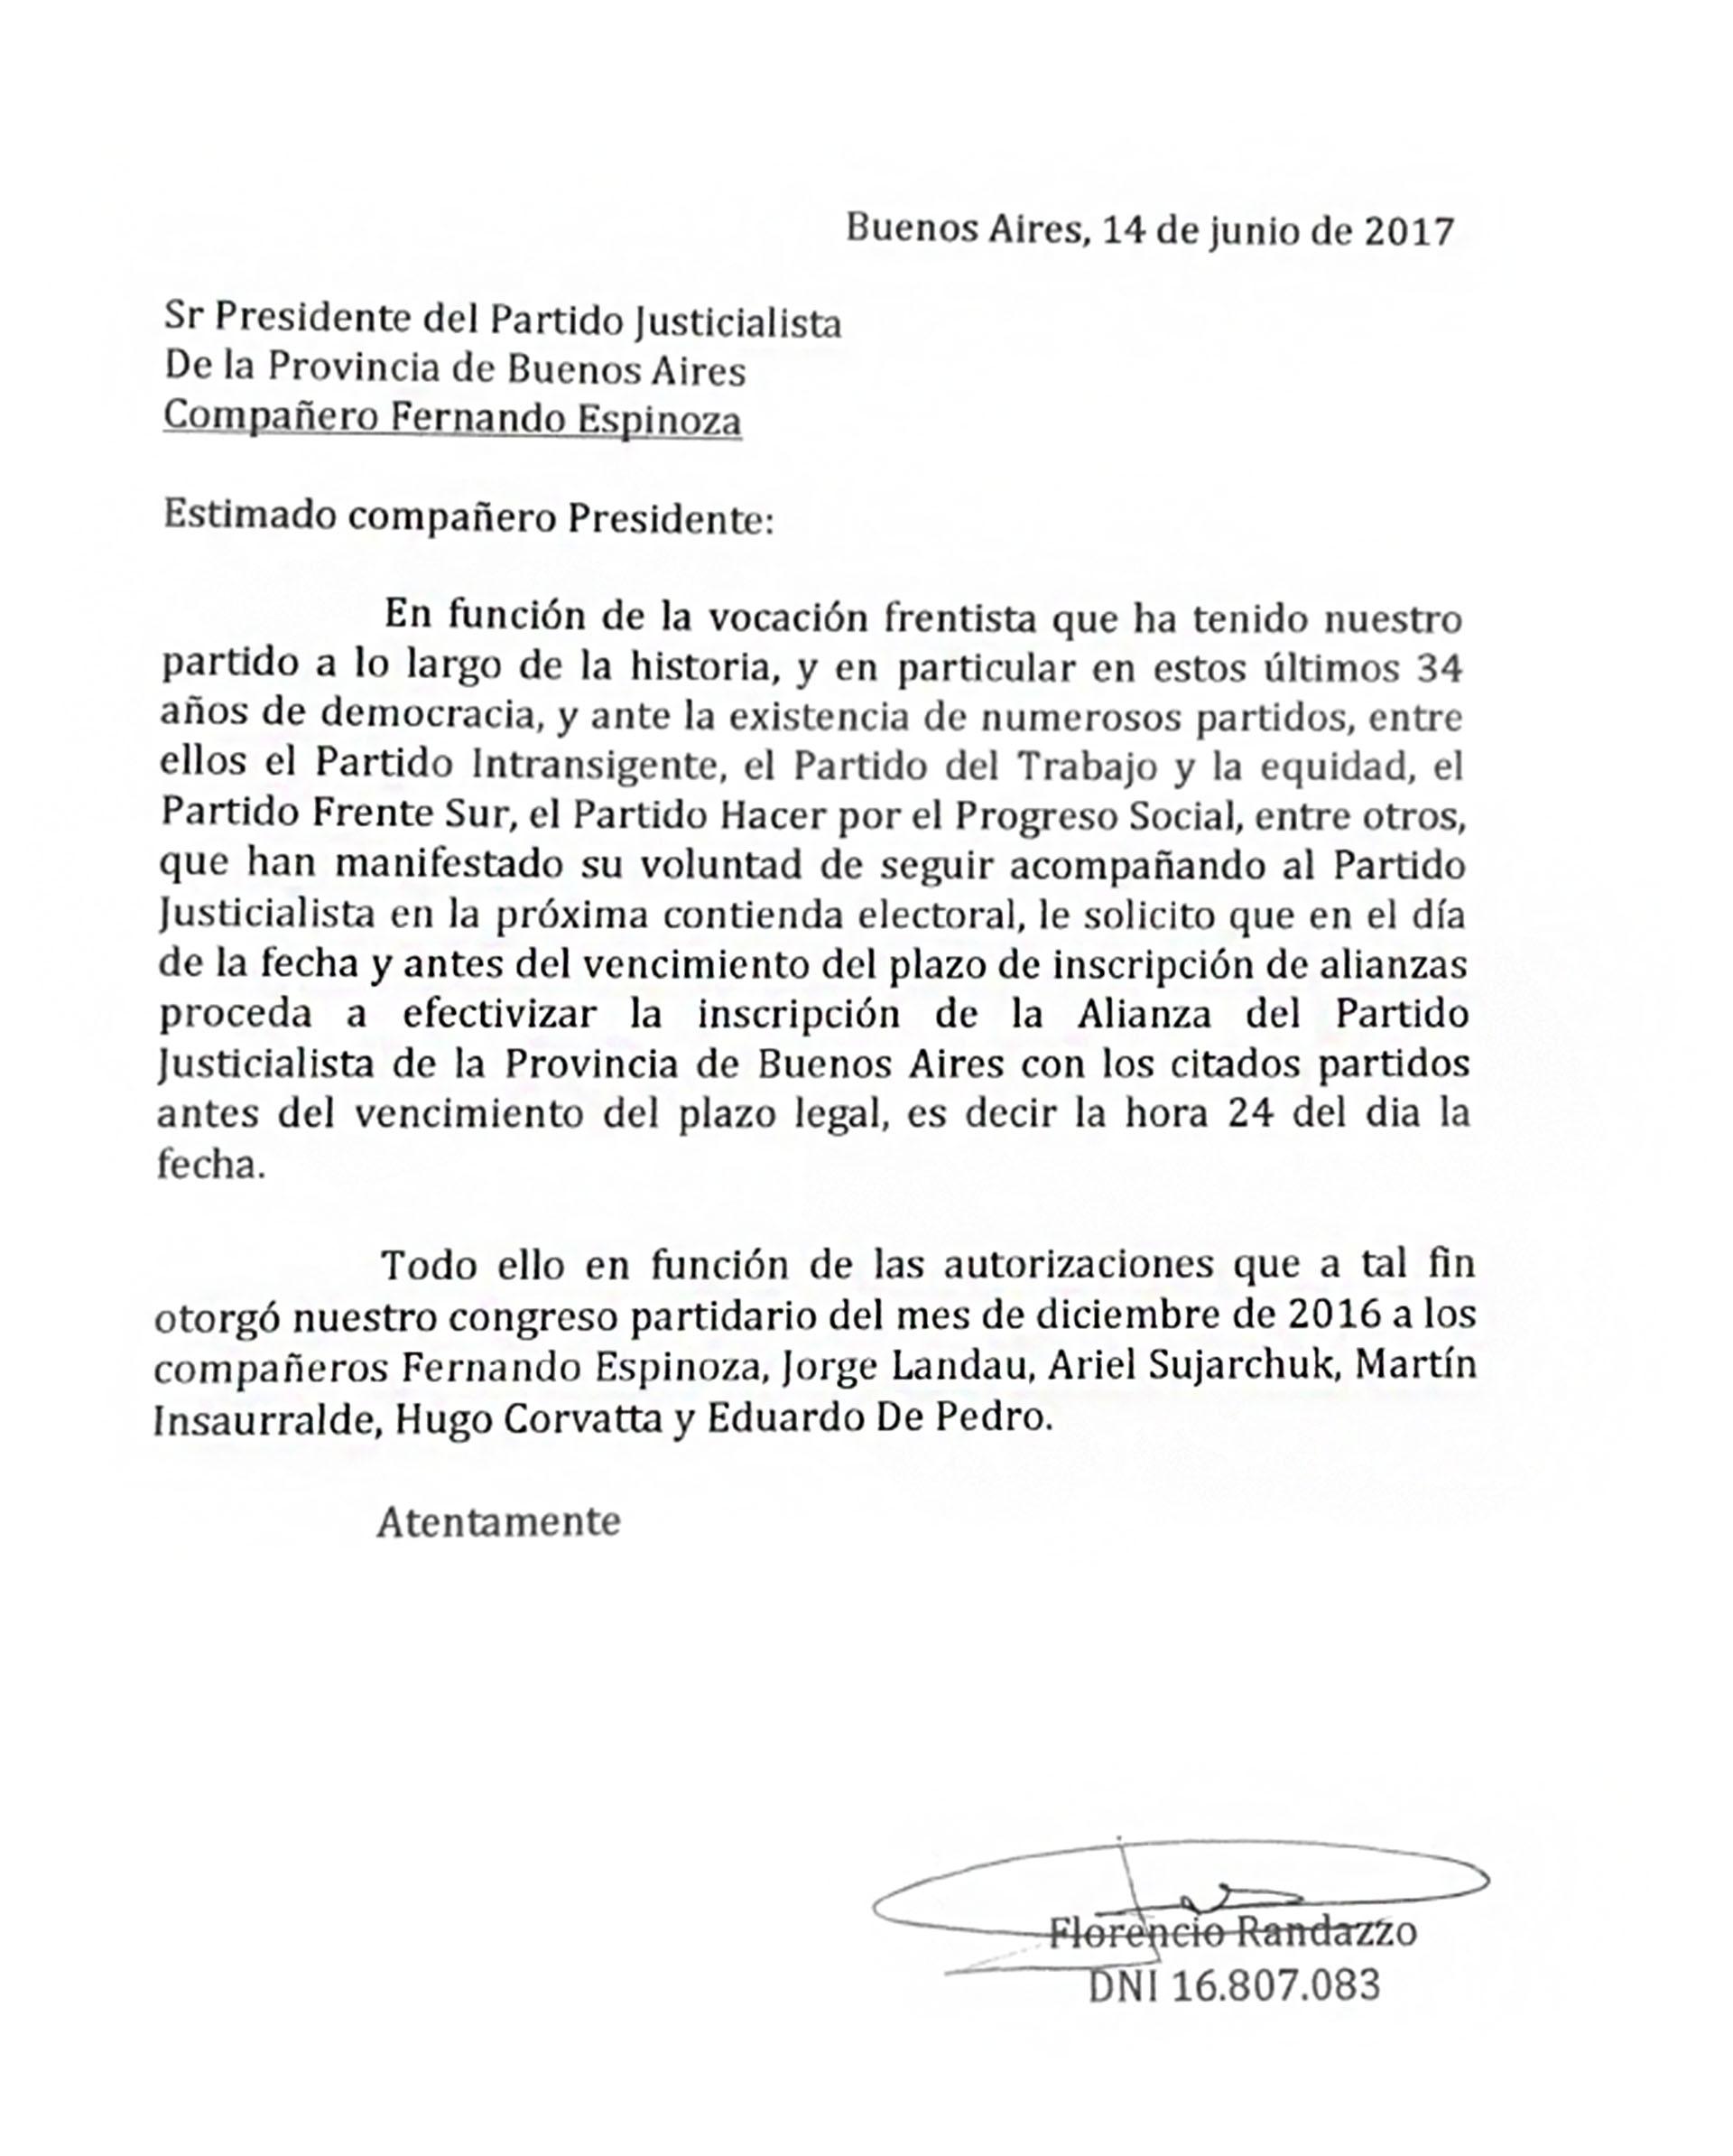 Florencio Randazzo carta a Fenrando Esínoza